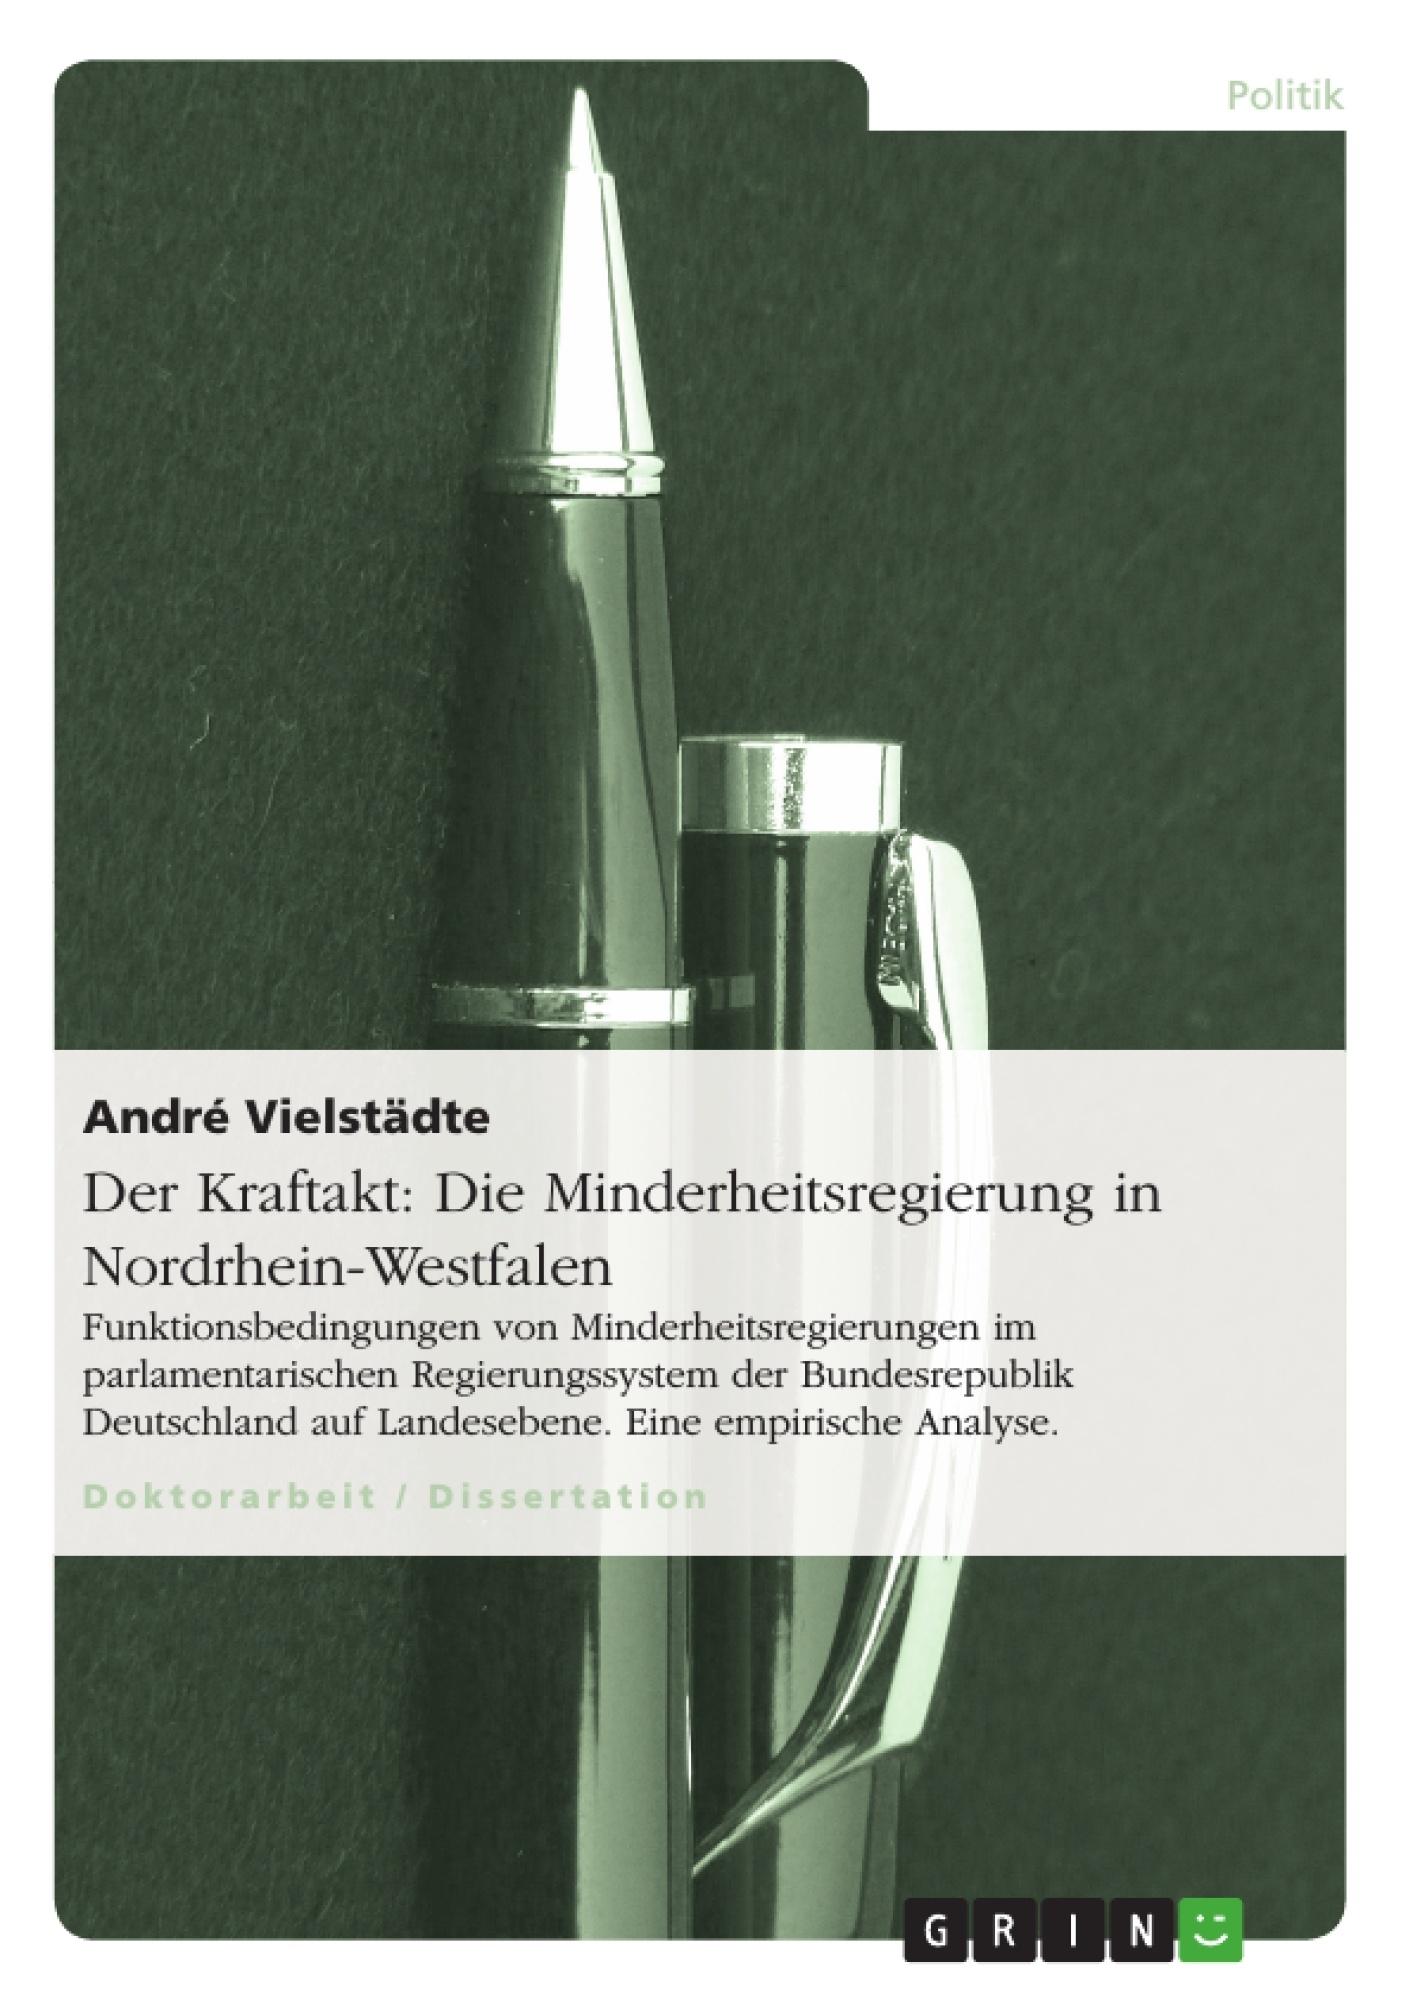 Titel: Der Kraftakt: Die Minderheitsregierung in Nordrhein-Westfalen